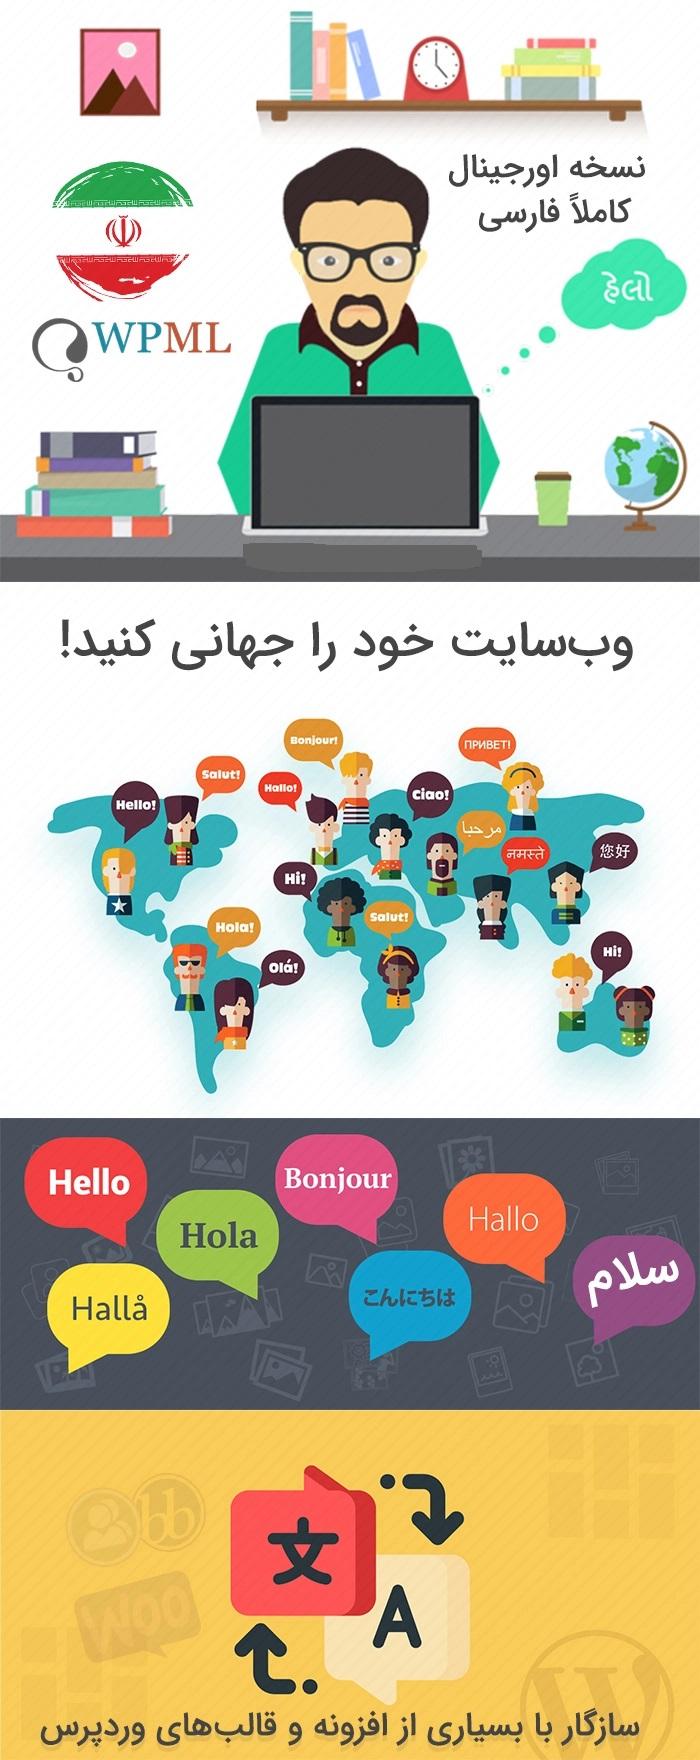 دانلود افزونه WPML | ایجاد سایت چند زبانه